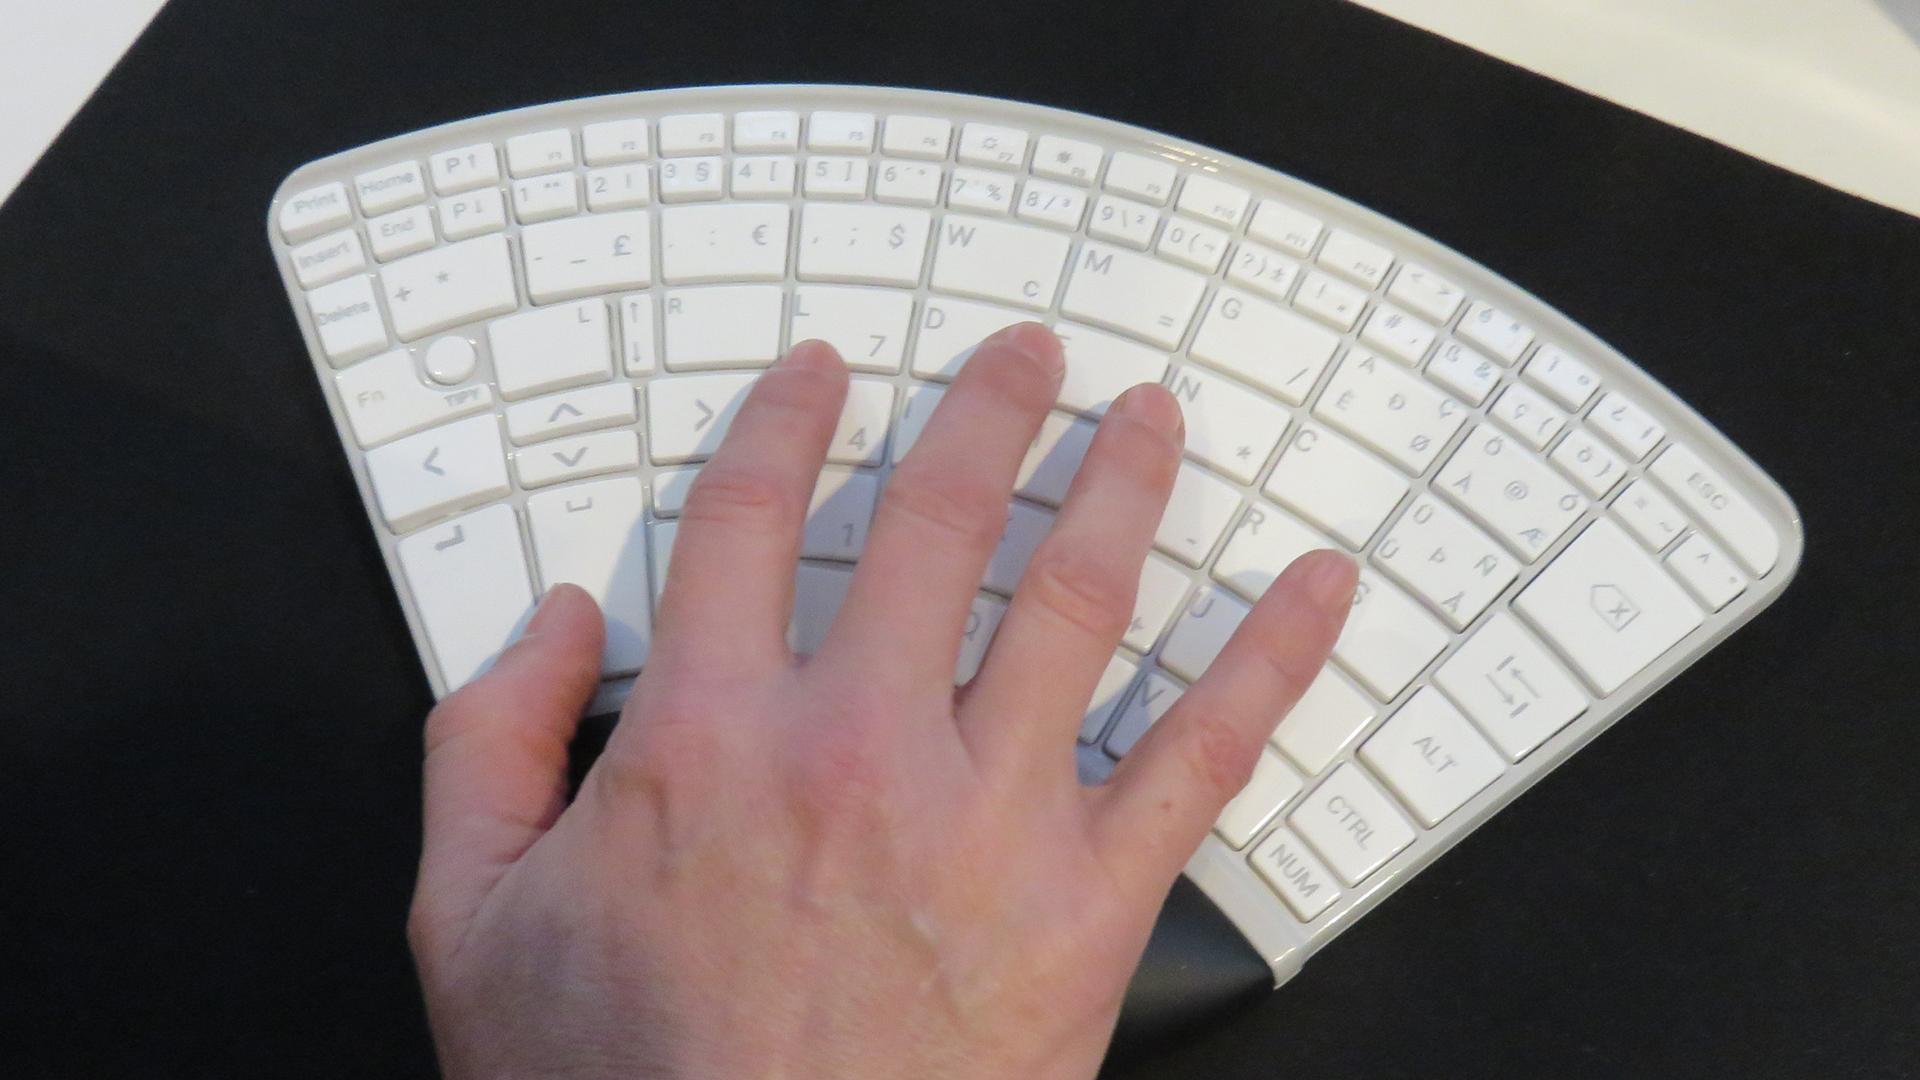 Einhand-Keyboard